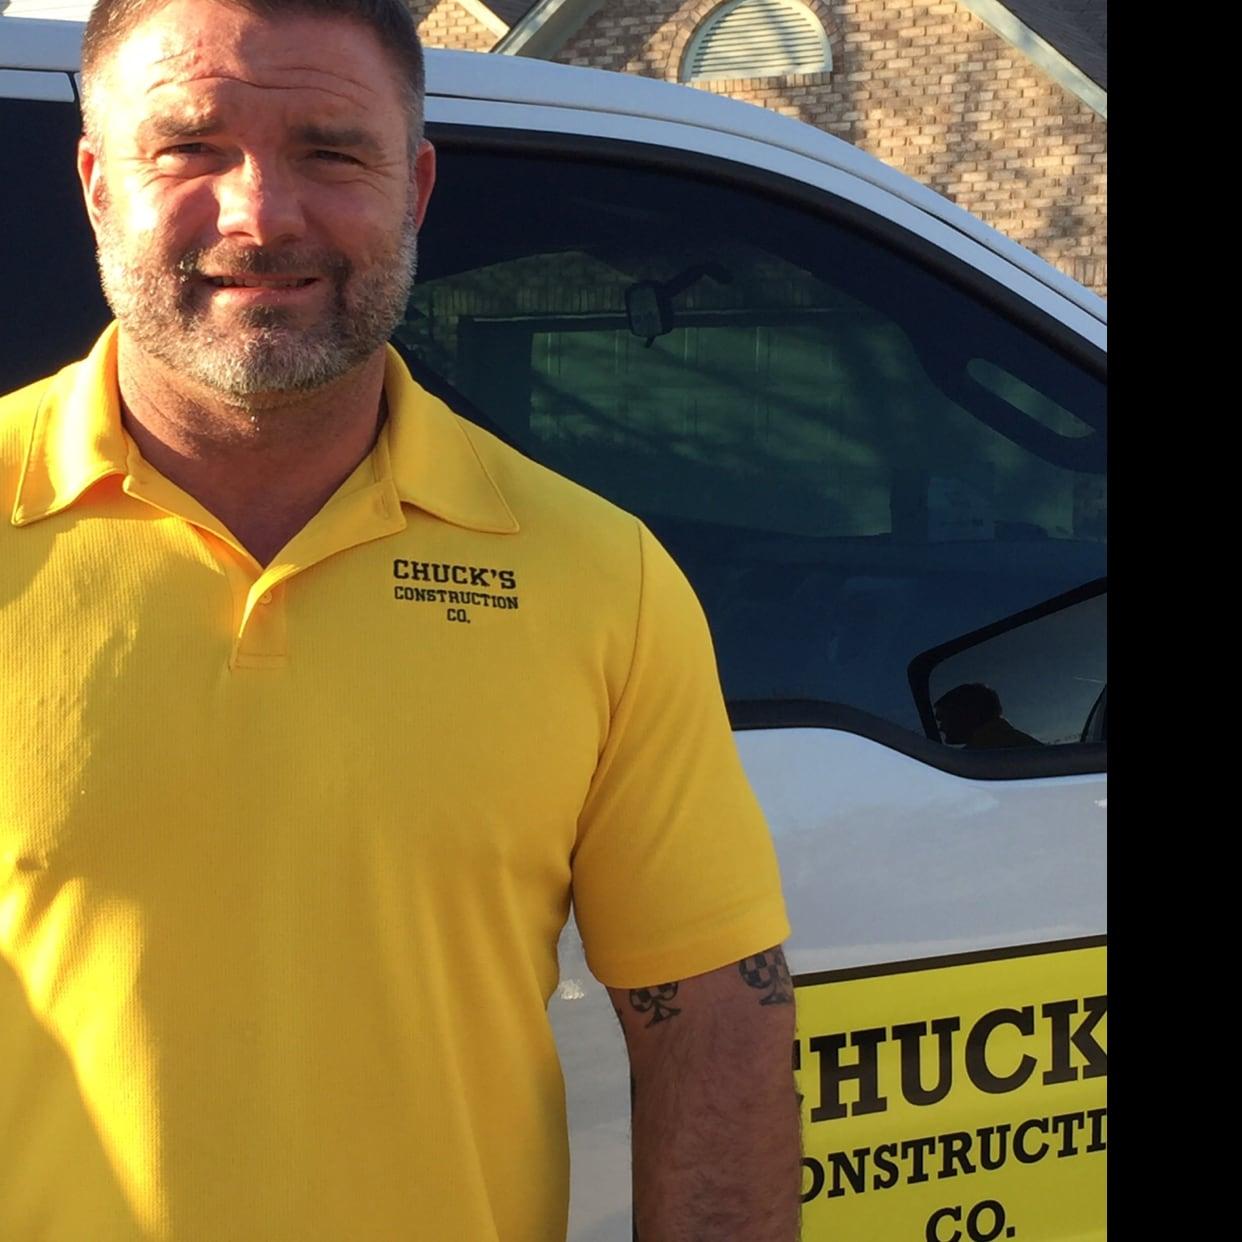 Chuck's Construction Co. logo